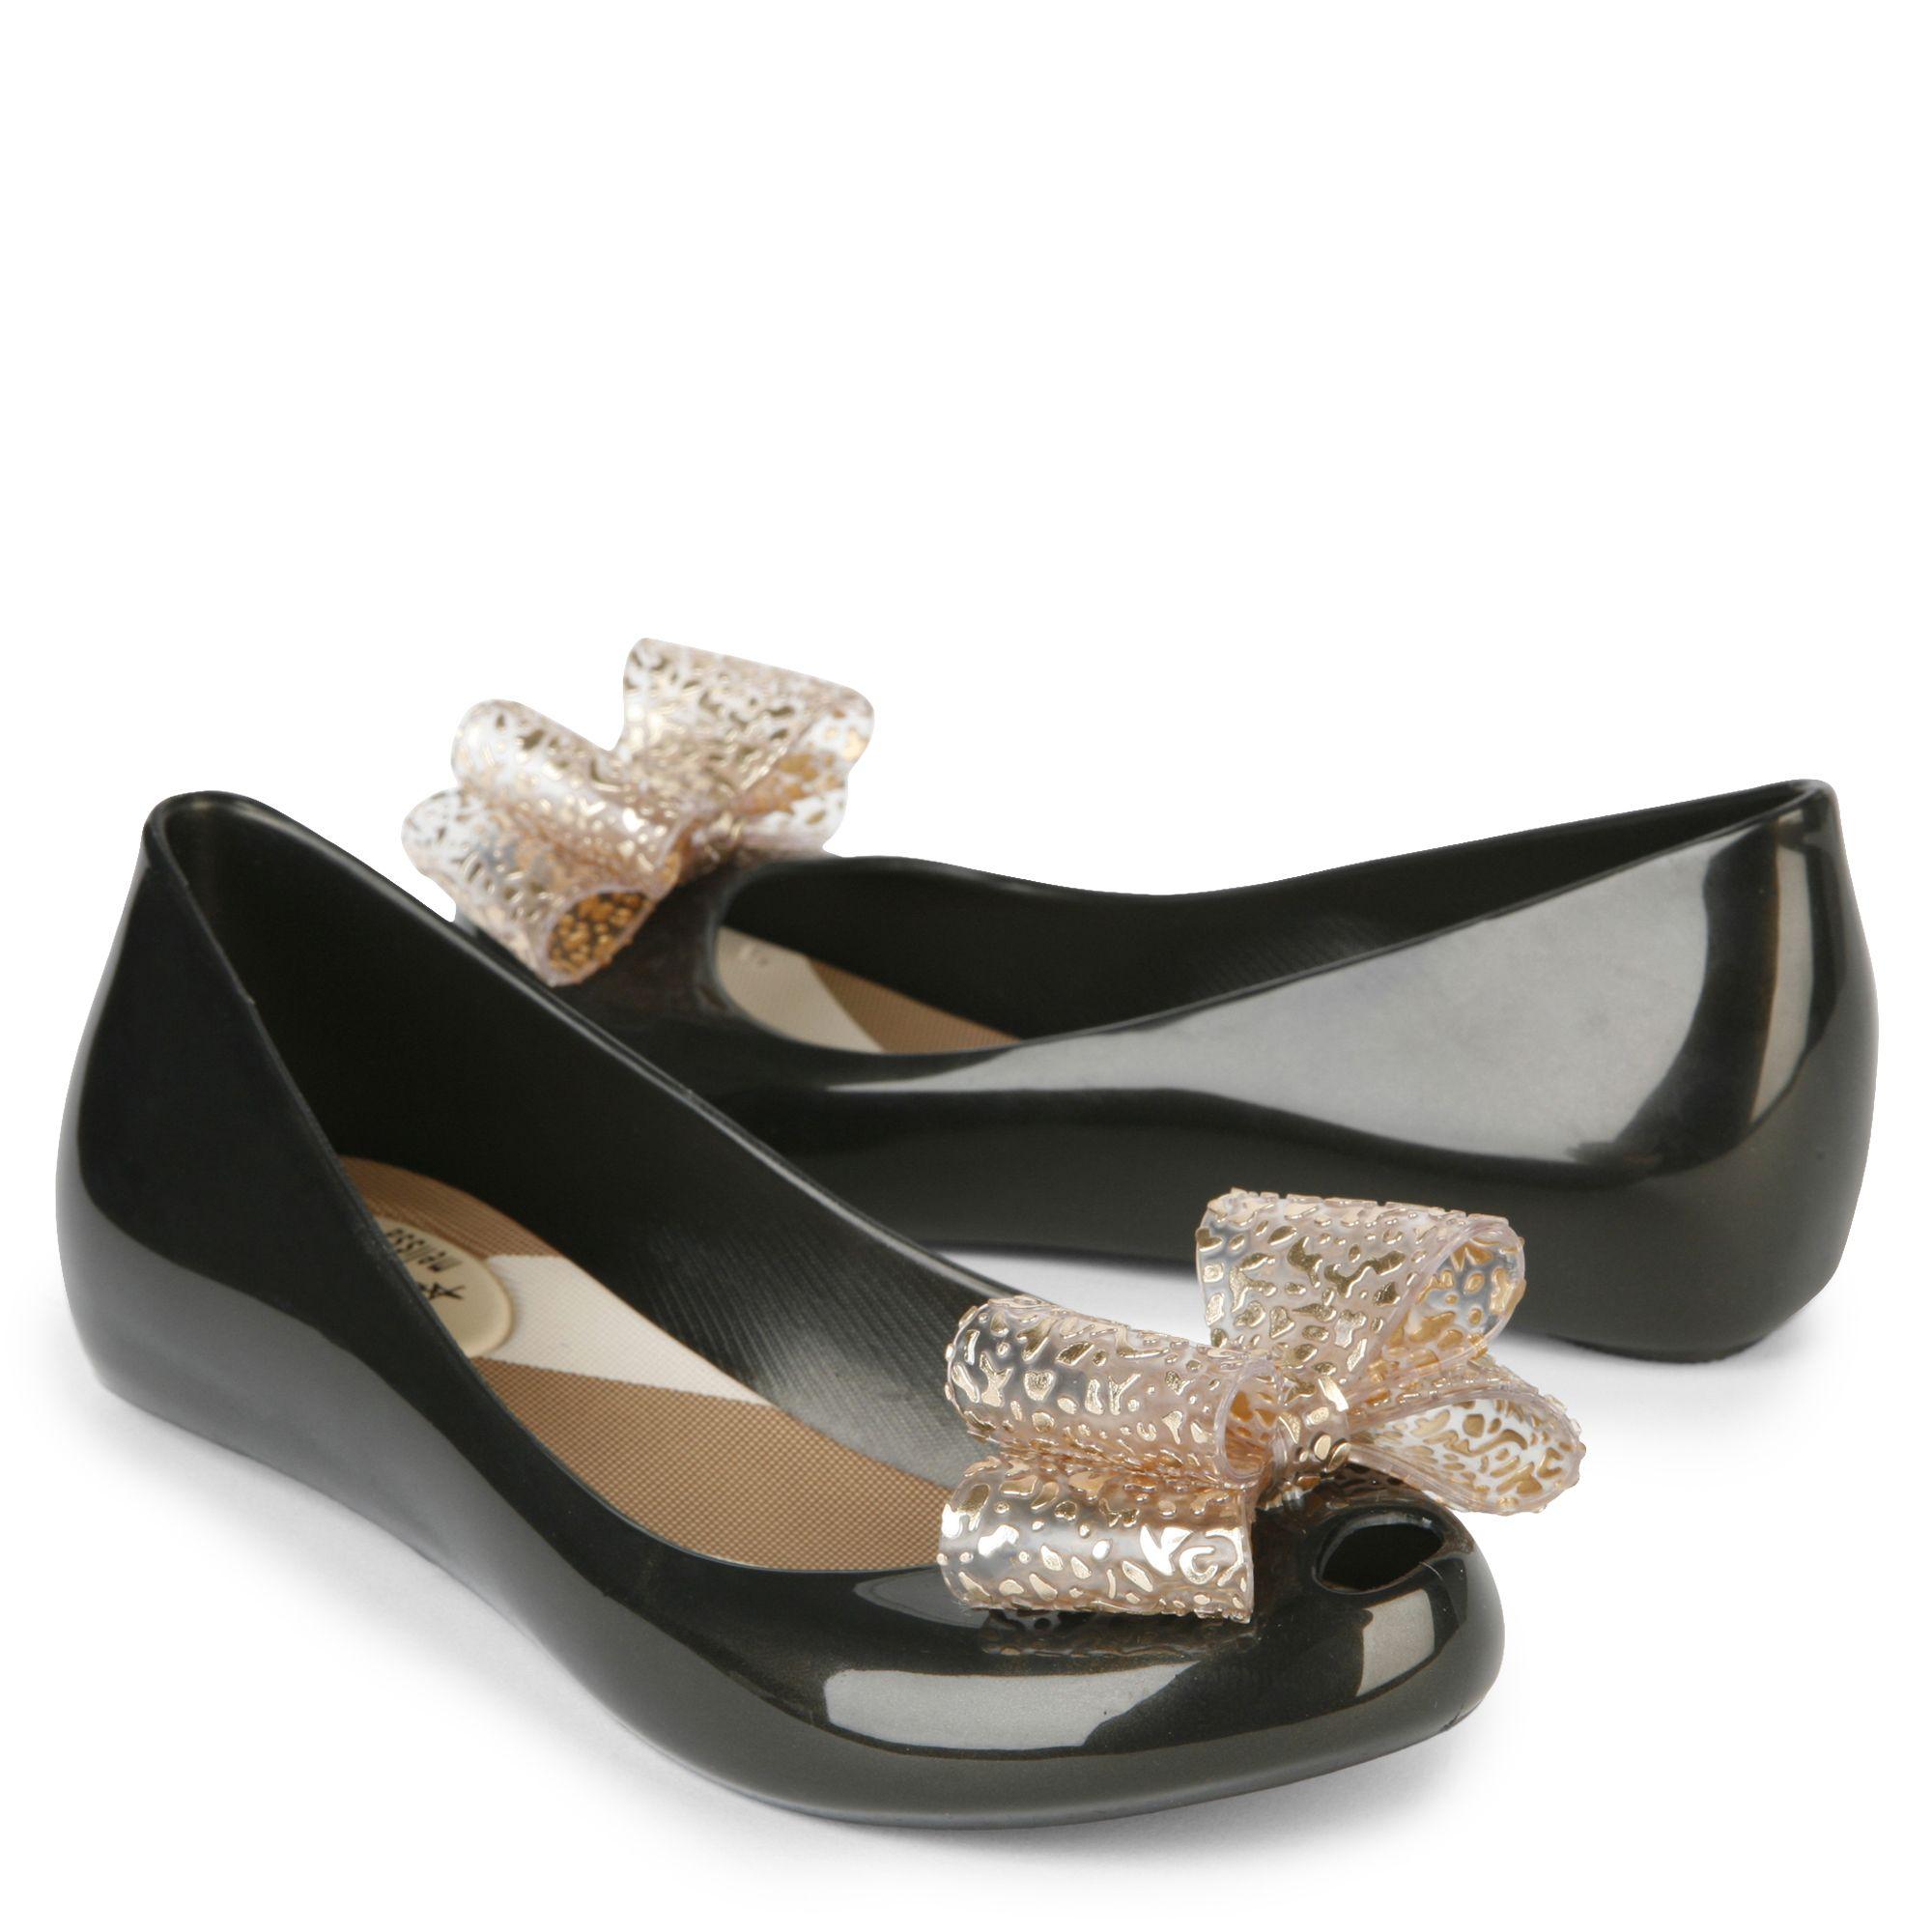 Vivienne Westwood Melissa Shoes Sale